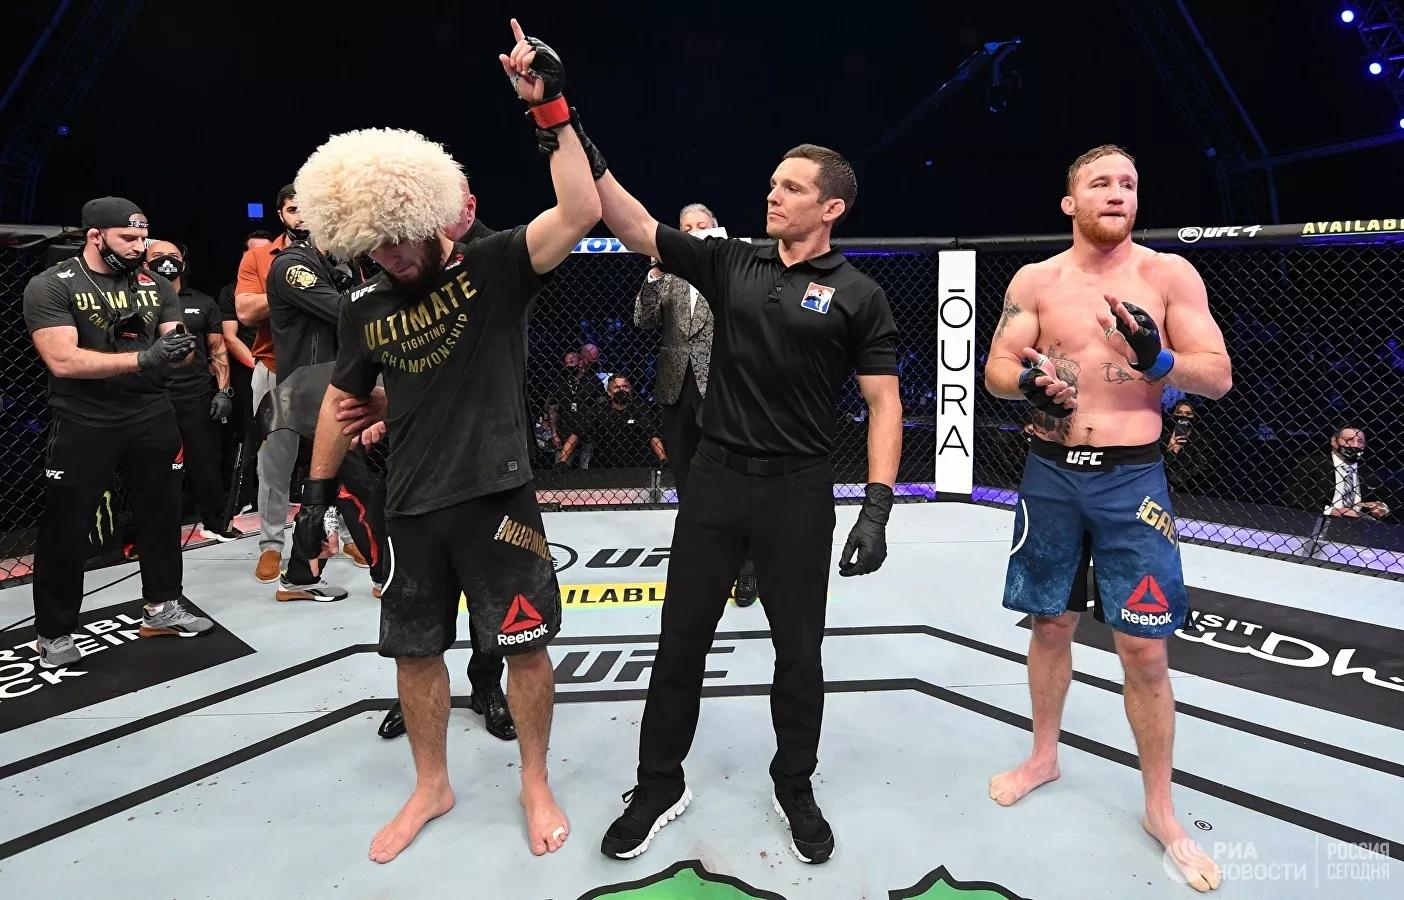 Trọng tài tuyên bố người chiến thắng cho Khabib Nurmagomedov trong trận đấu tranh đai vô địch Giải vô địch đối kháng tuyệt đối (UFC) ở hạng nhẹ.